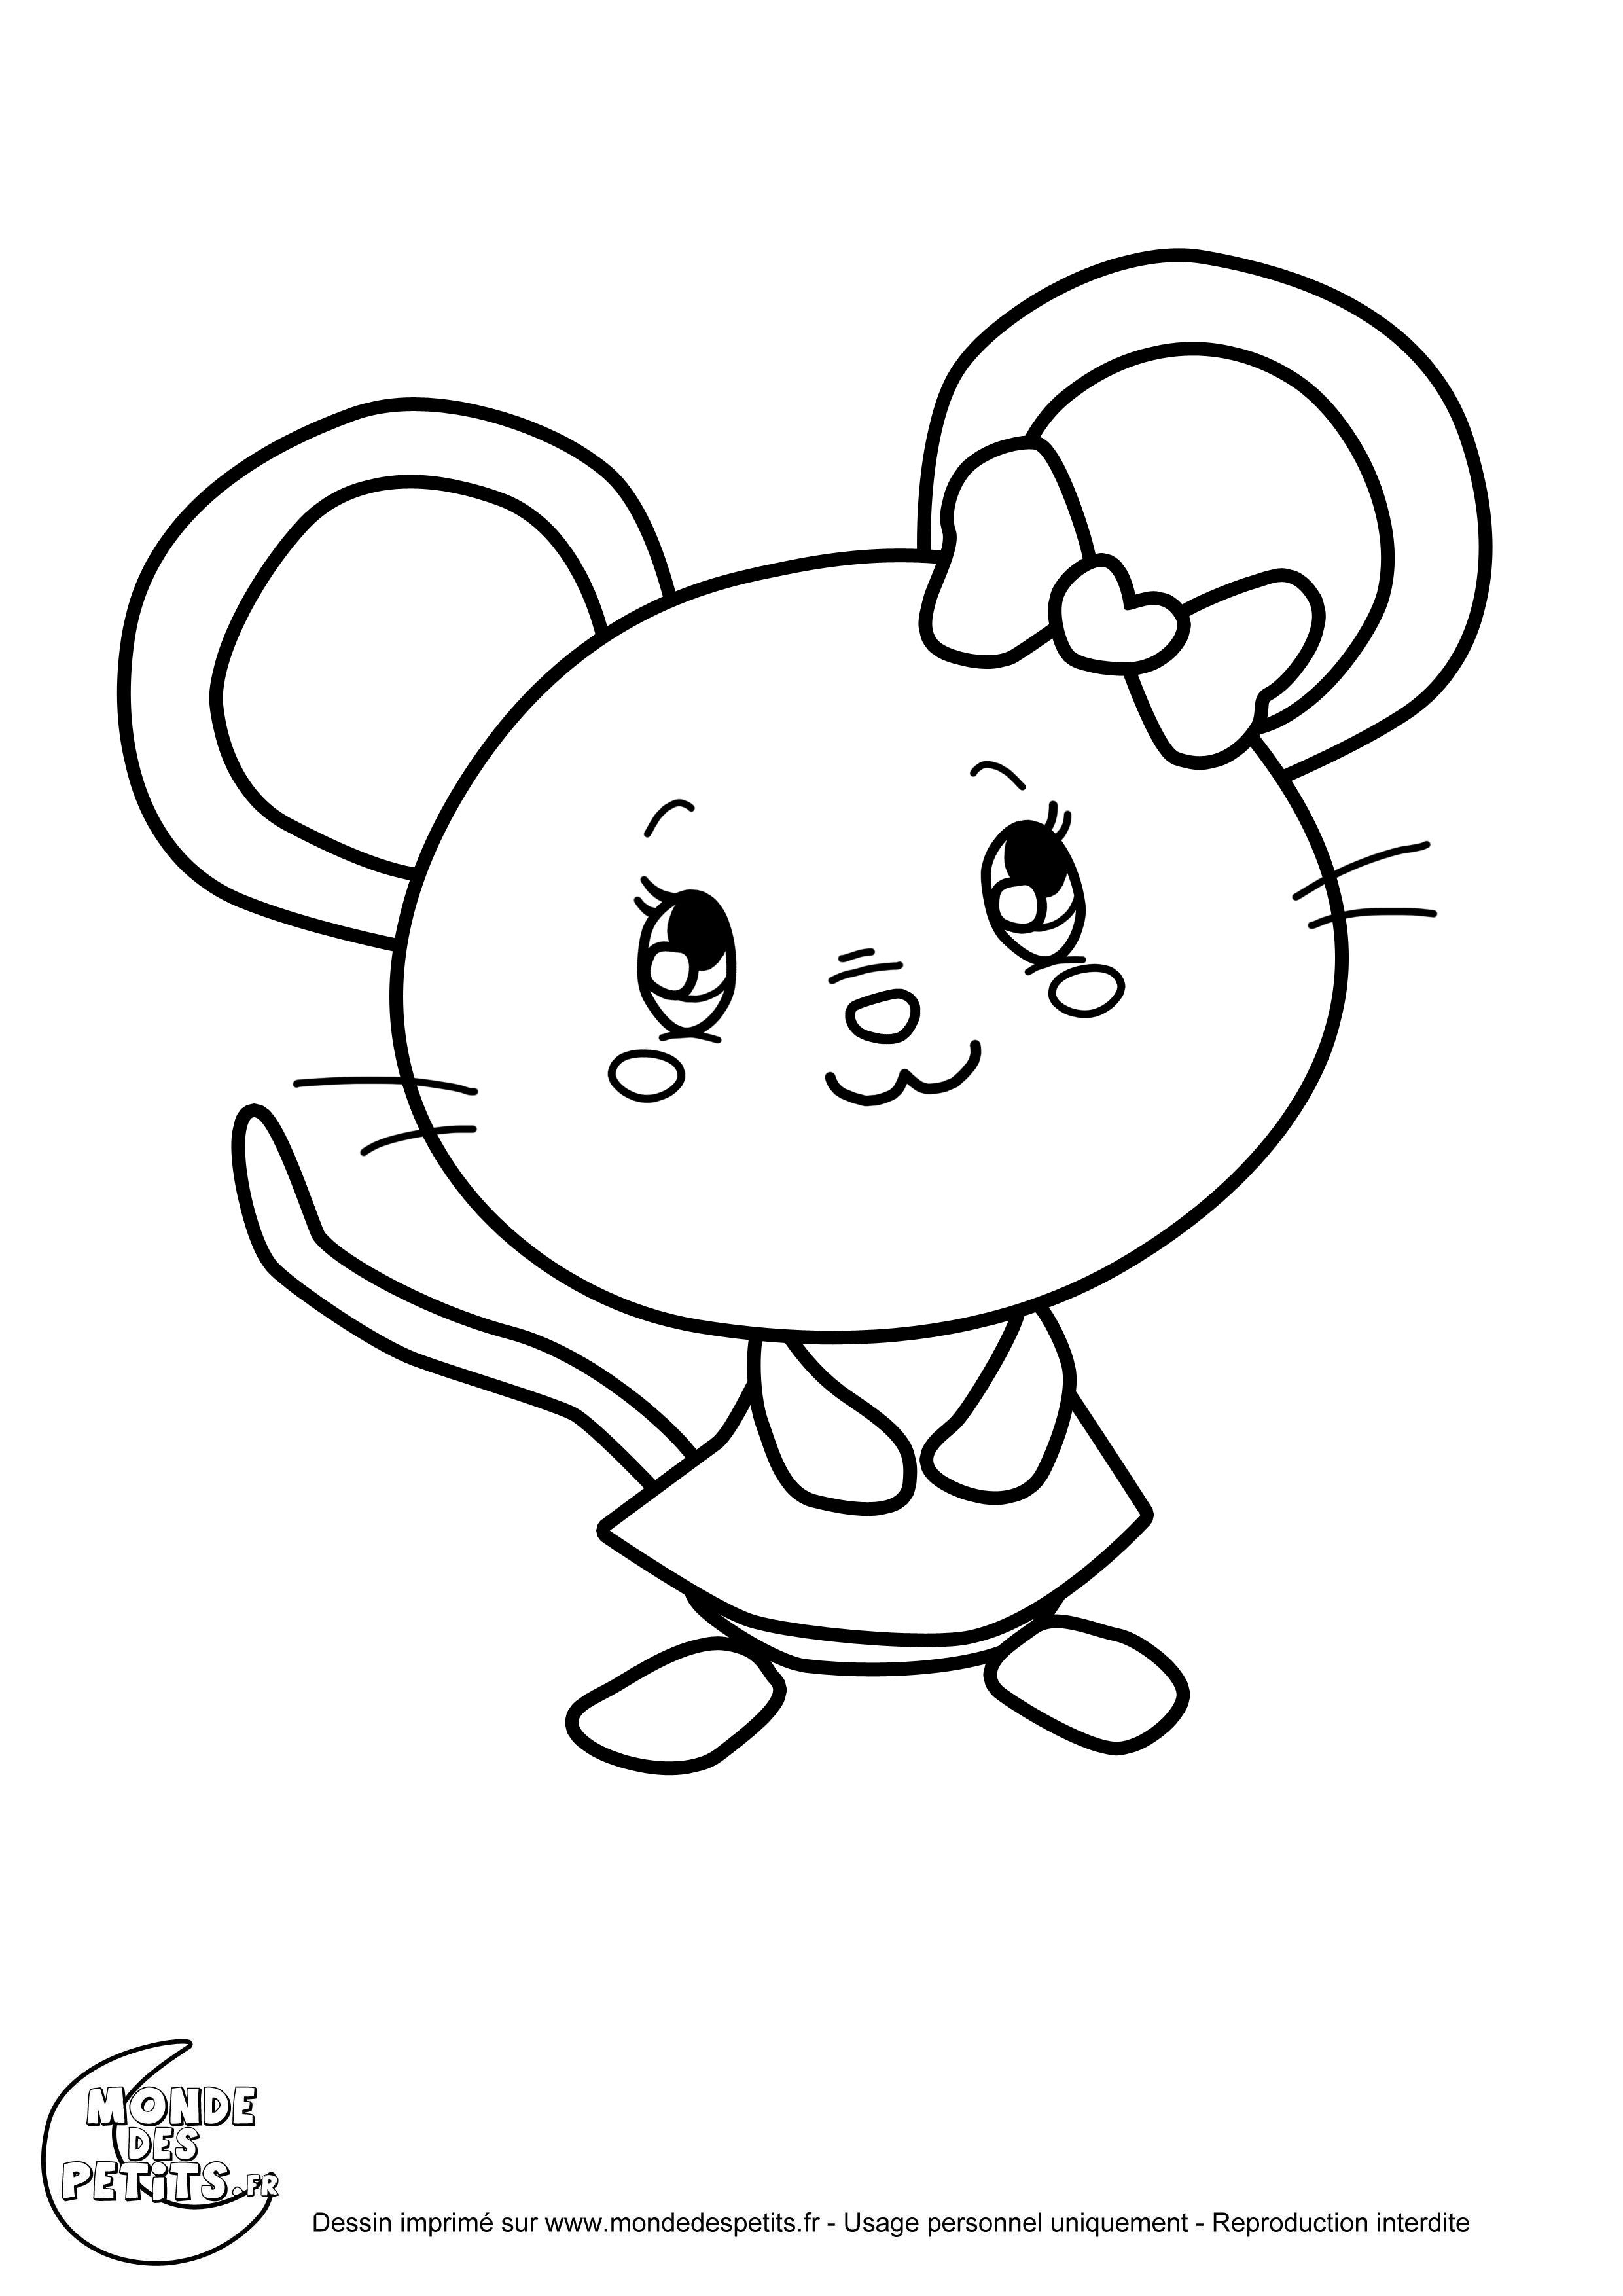 Coloriage A Imprimer Personnage Dessin Anime.Monde Des Petits Coloriages A Imprimer